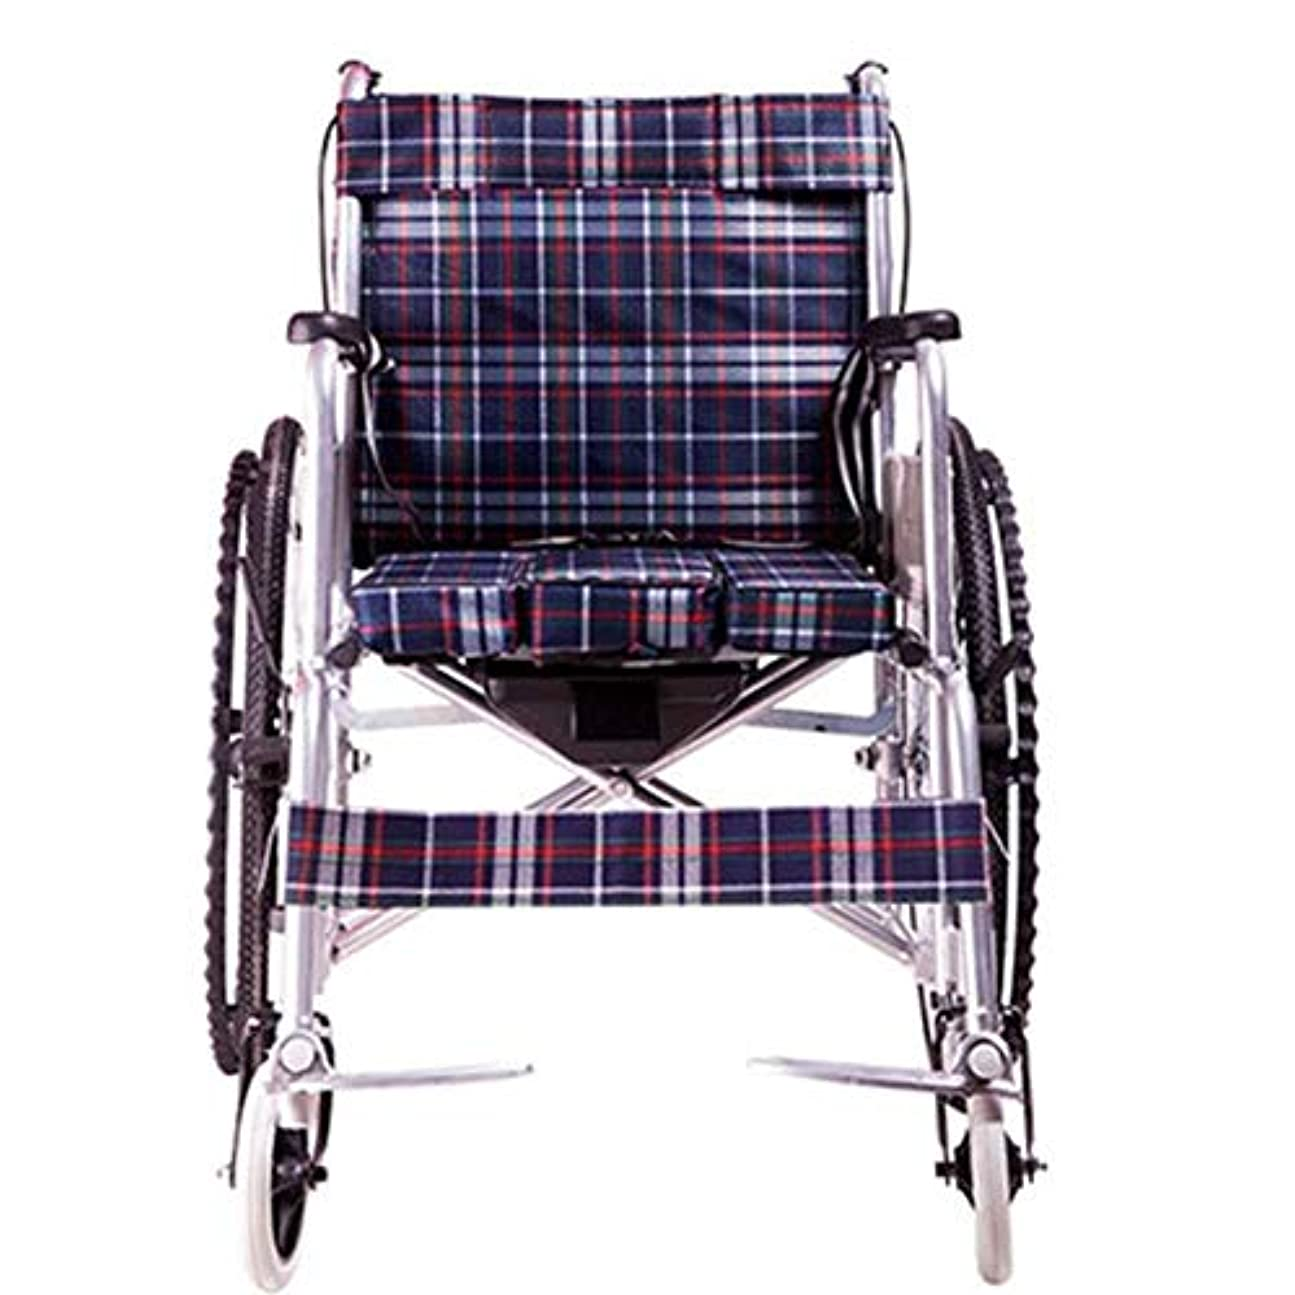 十分なアームストロングアリーナハンドブレーキとクイックリリースリアホイールを備えた軽量アルミニウム折りたたみ式セルフプロペール車椅子 (Color : Oxford cloth)